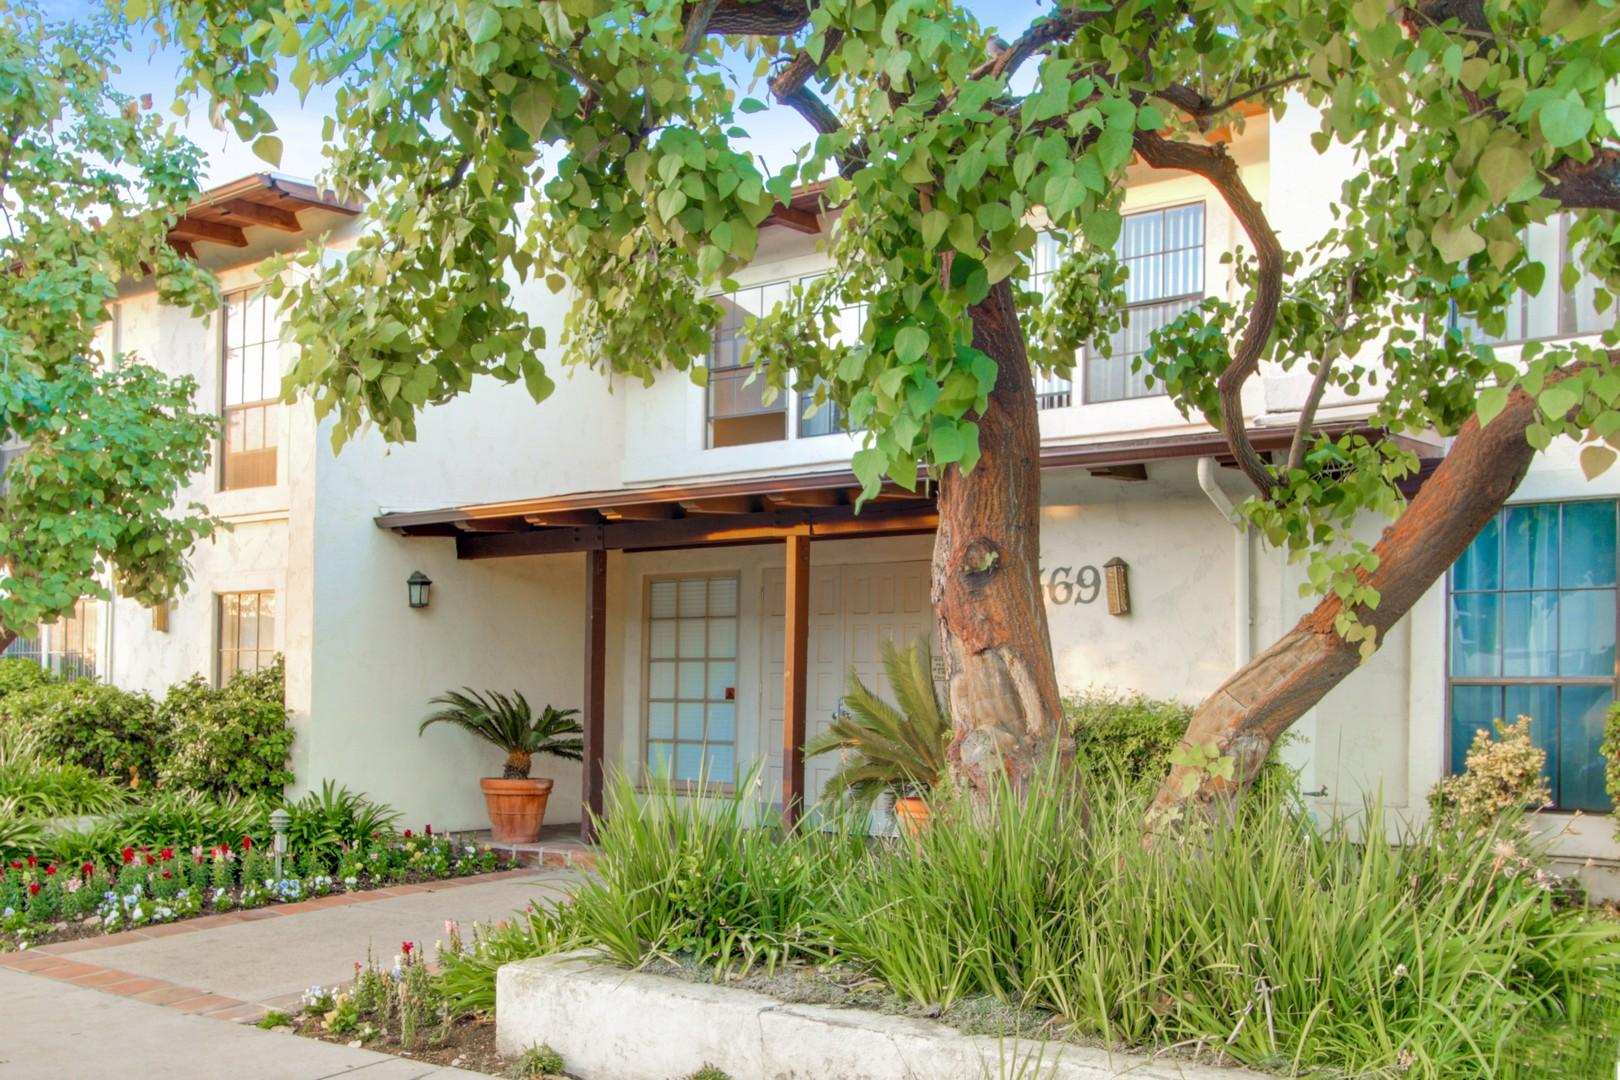 Garden Green Apartments